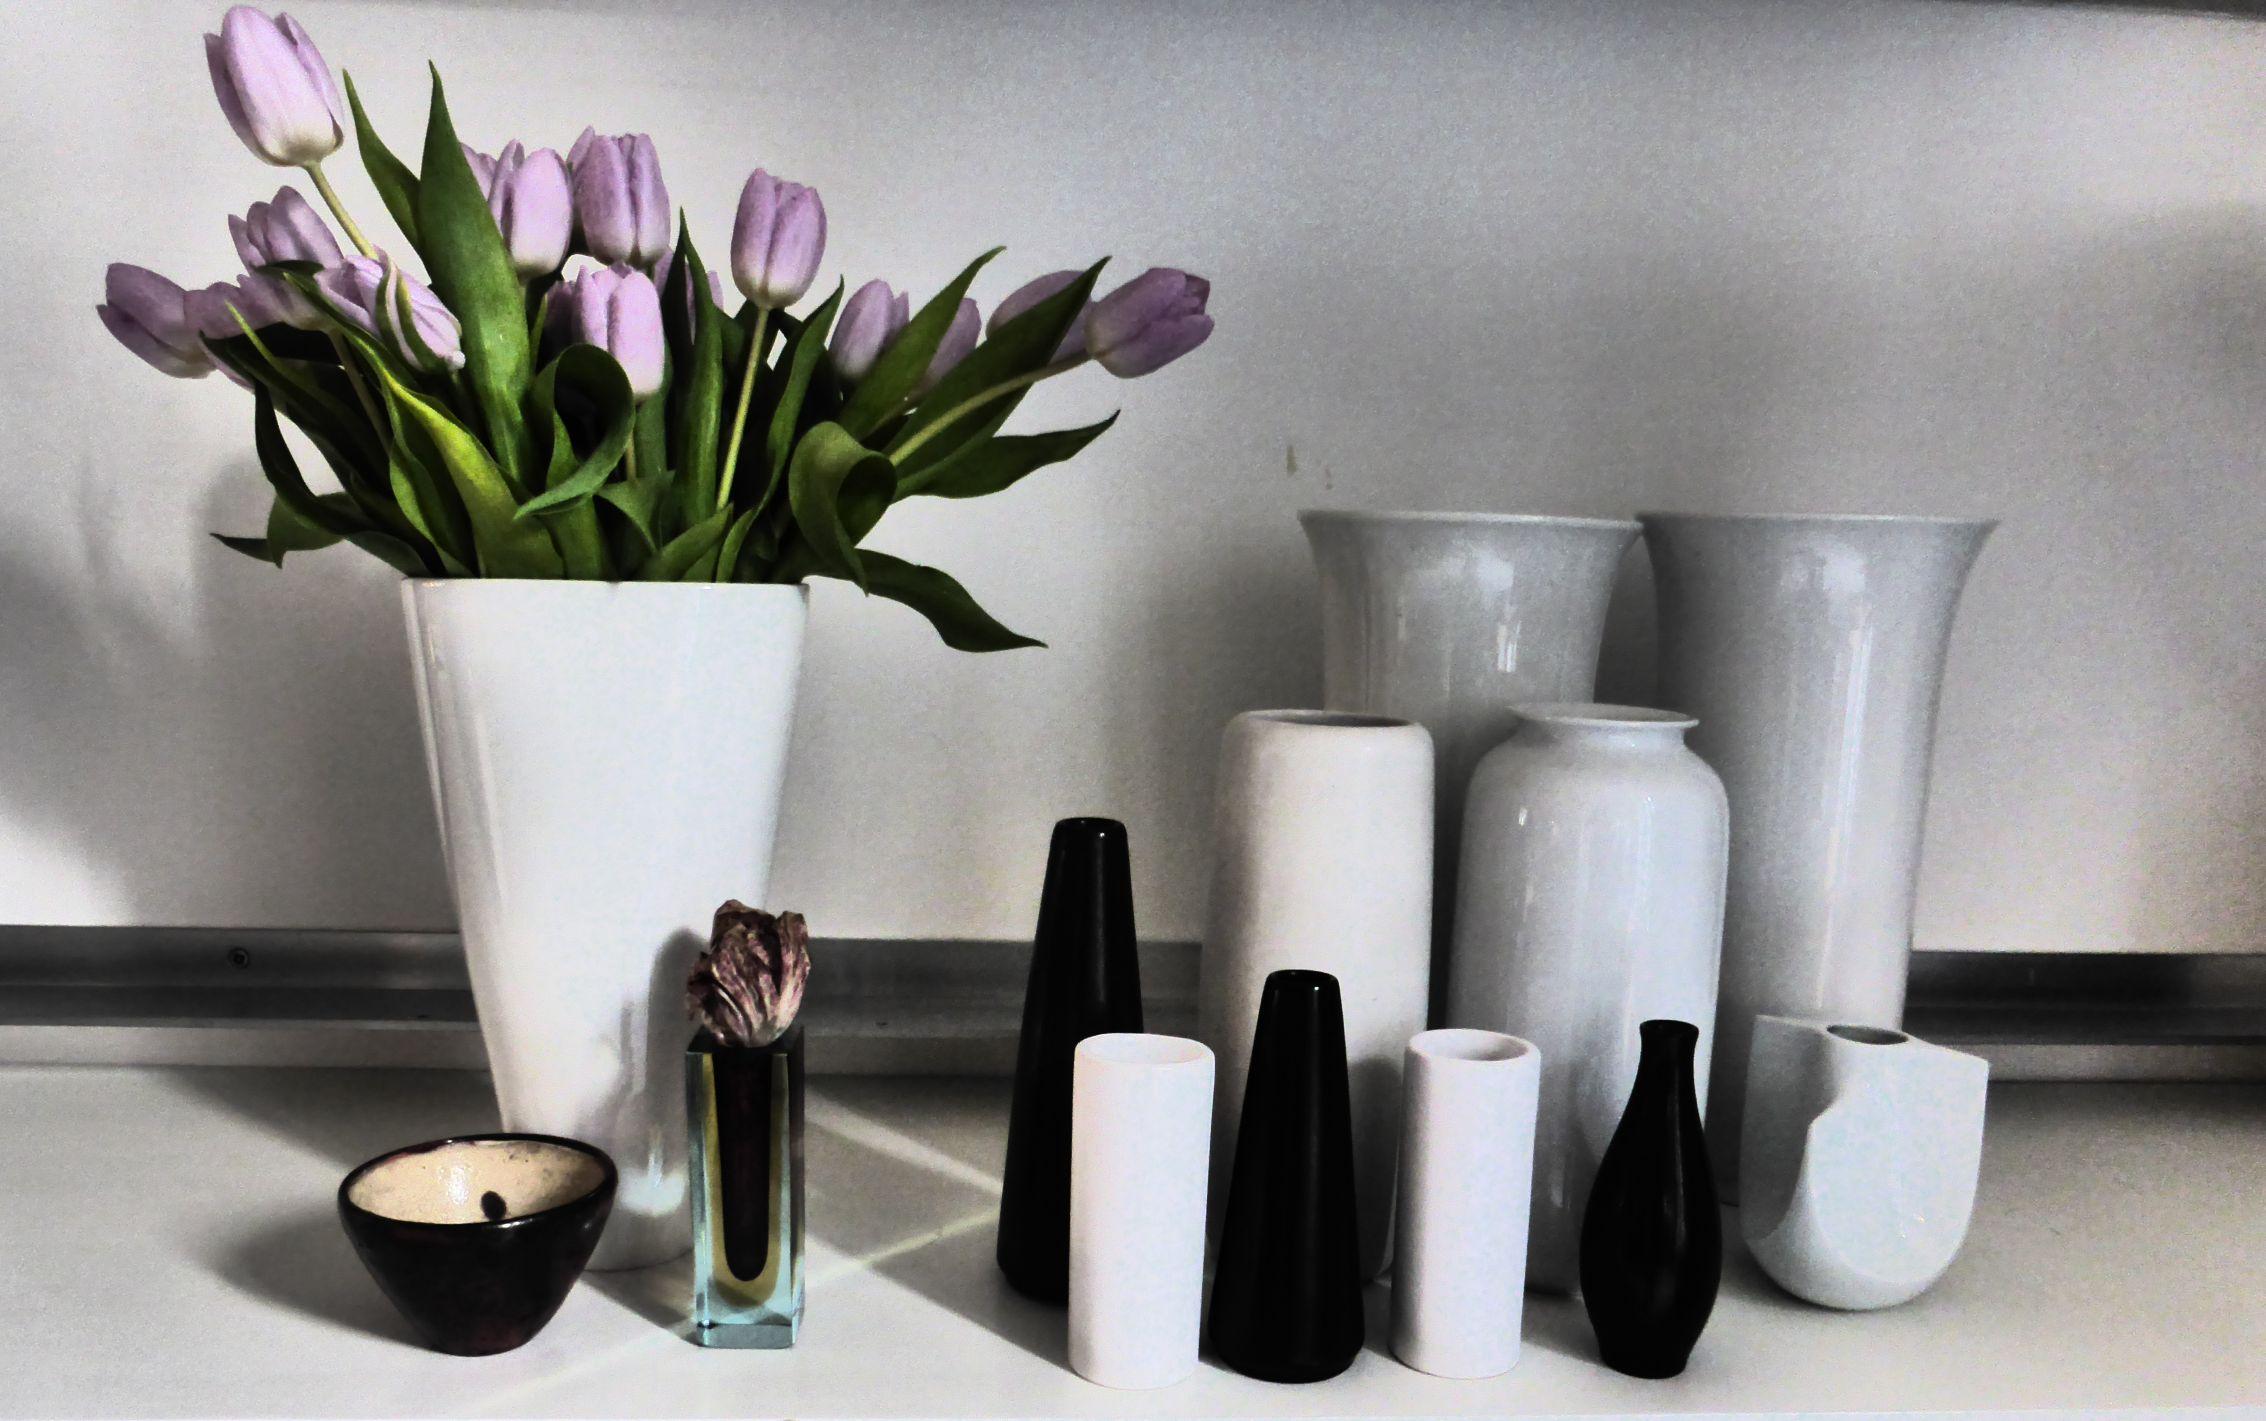 Warum ich diese deko mag die sprache der vasen for Deko magazin